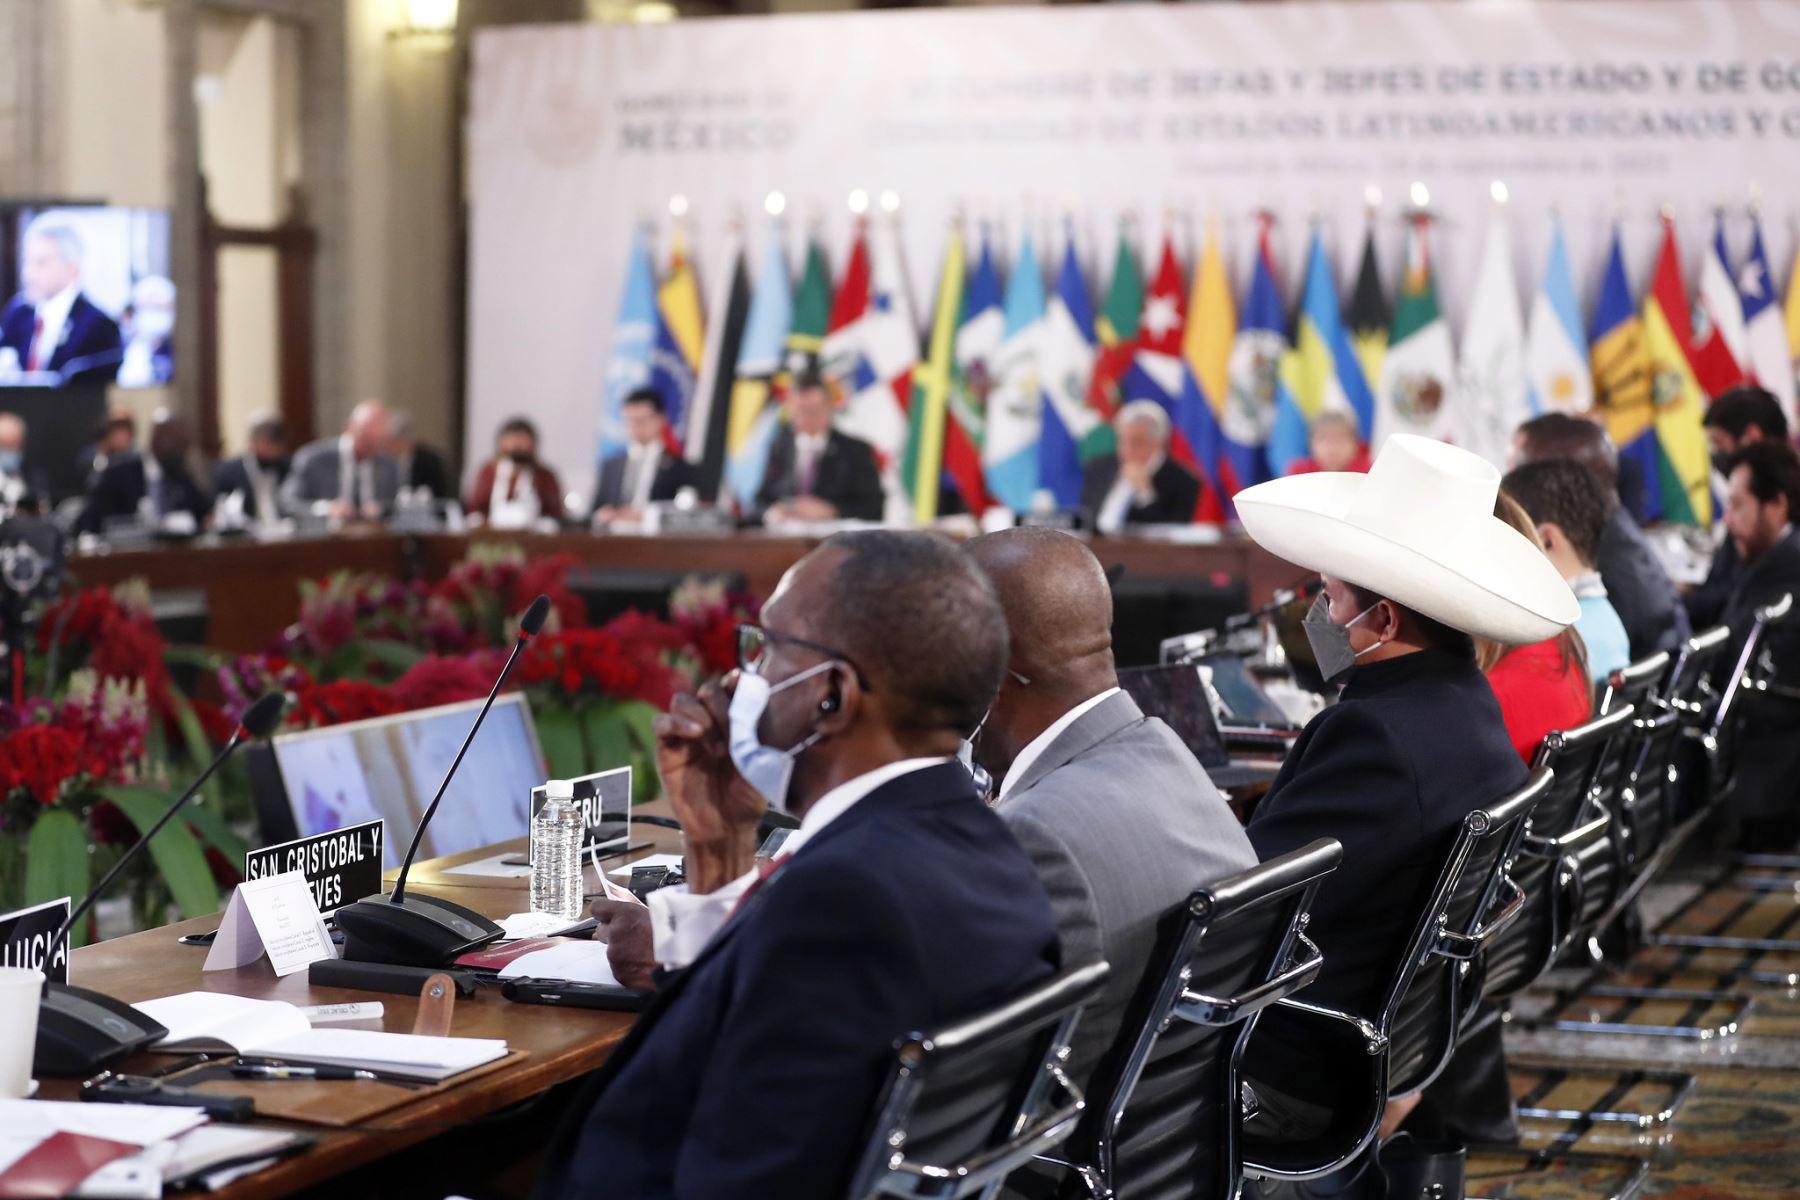 El presidente de la República, Pedro Castillo, participa en la VI cumbre de la Comunidad de Estados Latinoamericanos y Caribeños (Celac), en el Palacio Nacional de México. Foto: Presidencia